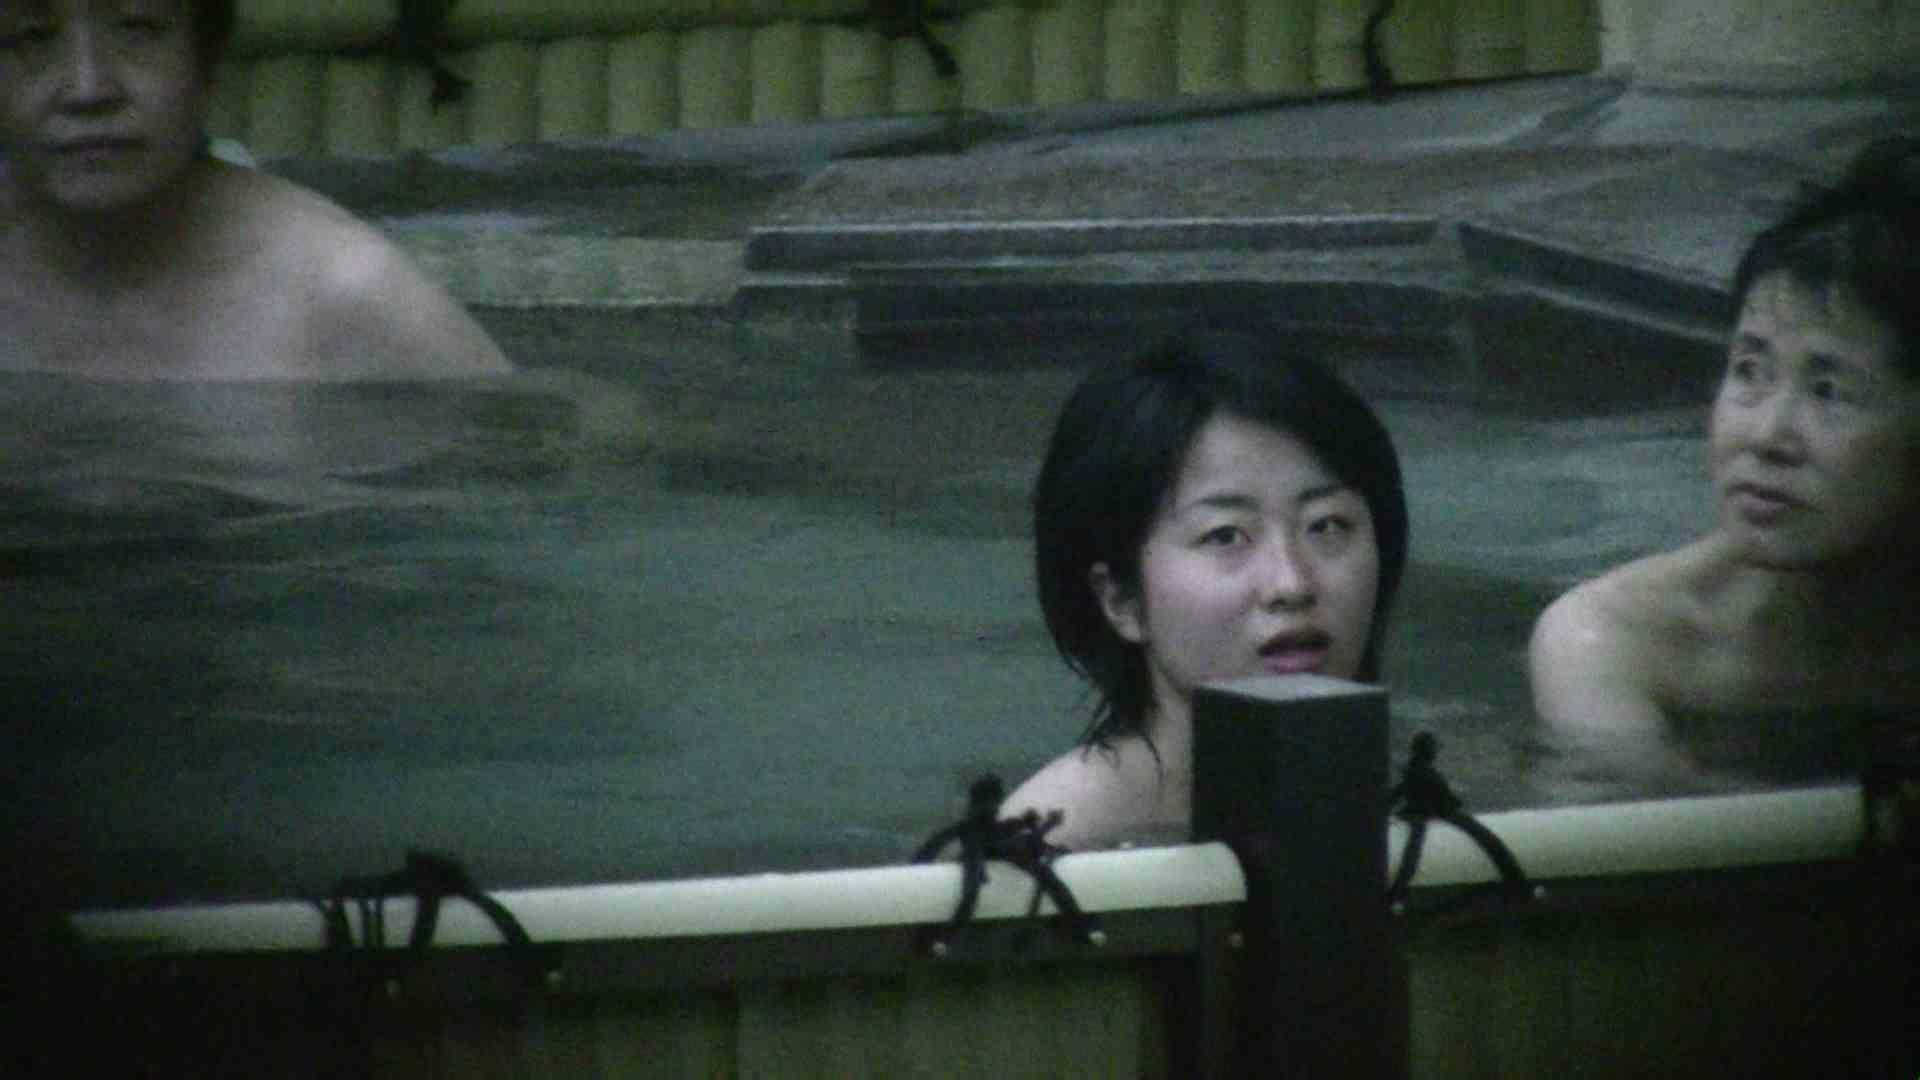 Aquaな露天風呂Vol.112 OLエロ画像  26PICs 12